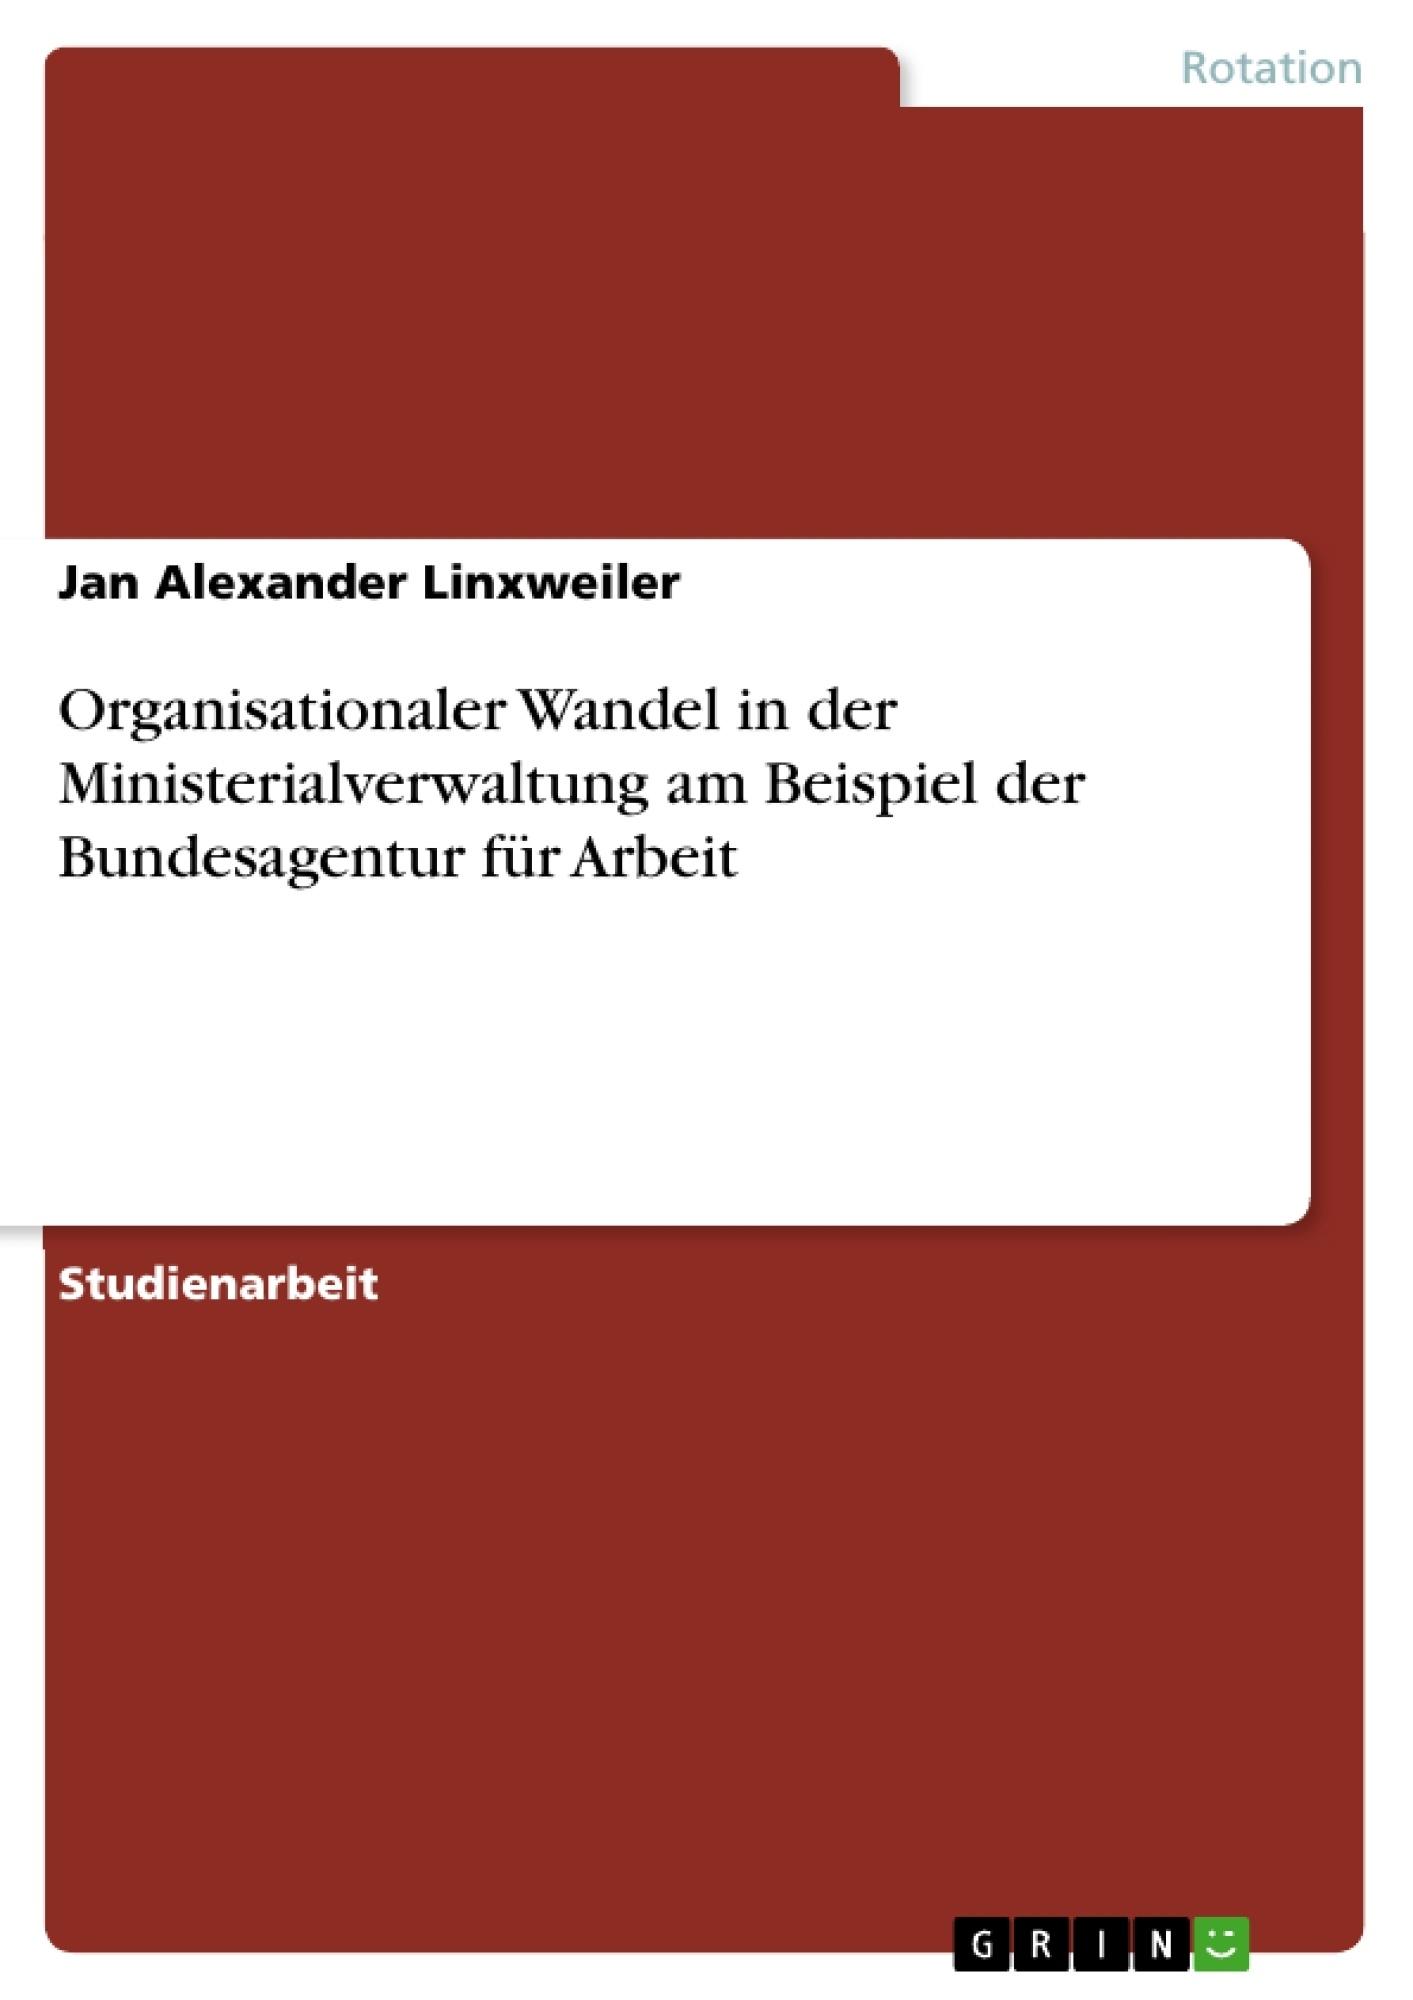 Titel: Organisationaler Wandel in der Ministerialverwaltung am Beispiel der Bundesagentur für Arbeit